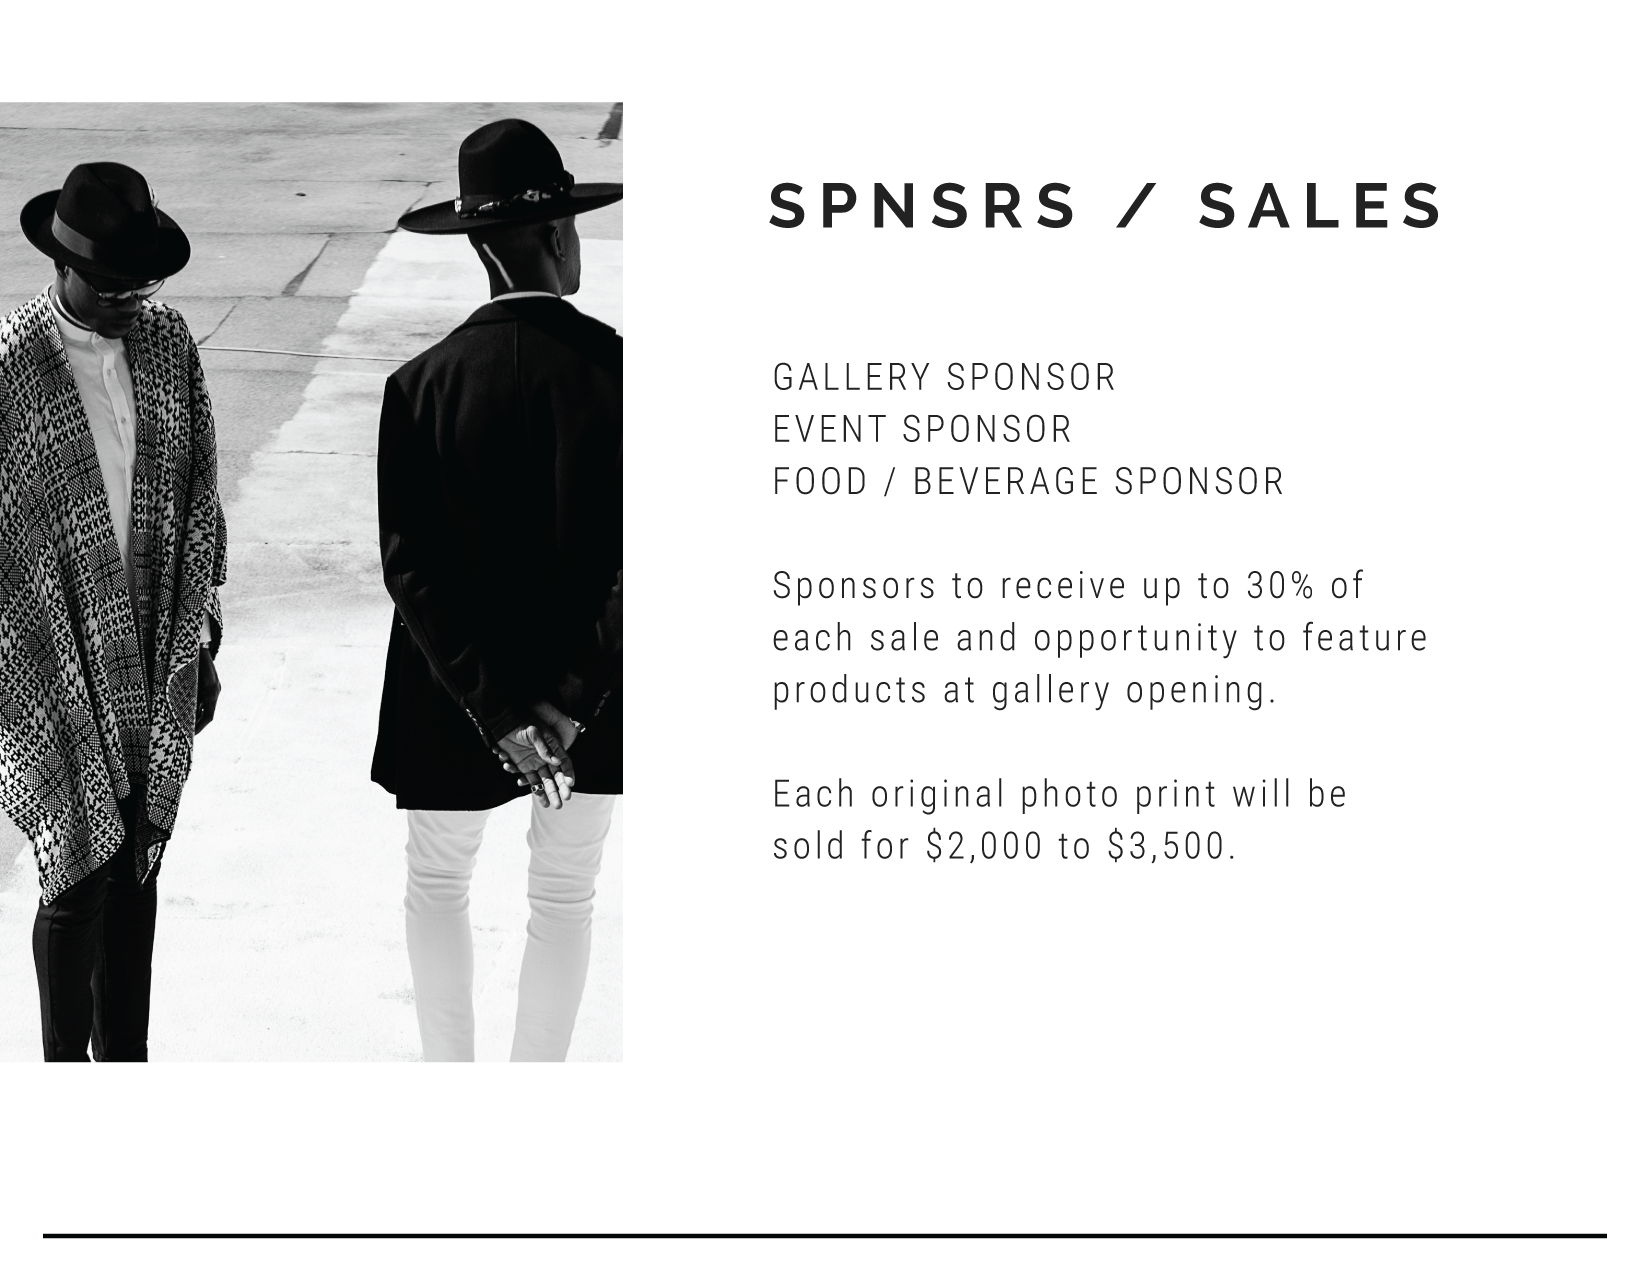 BLKBND_Gallery_17-SPONSORS-SALES.png